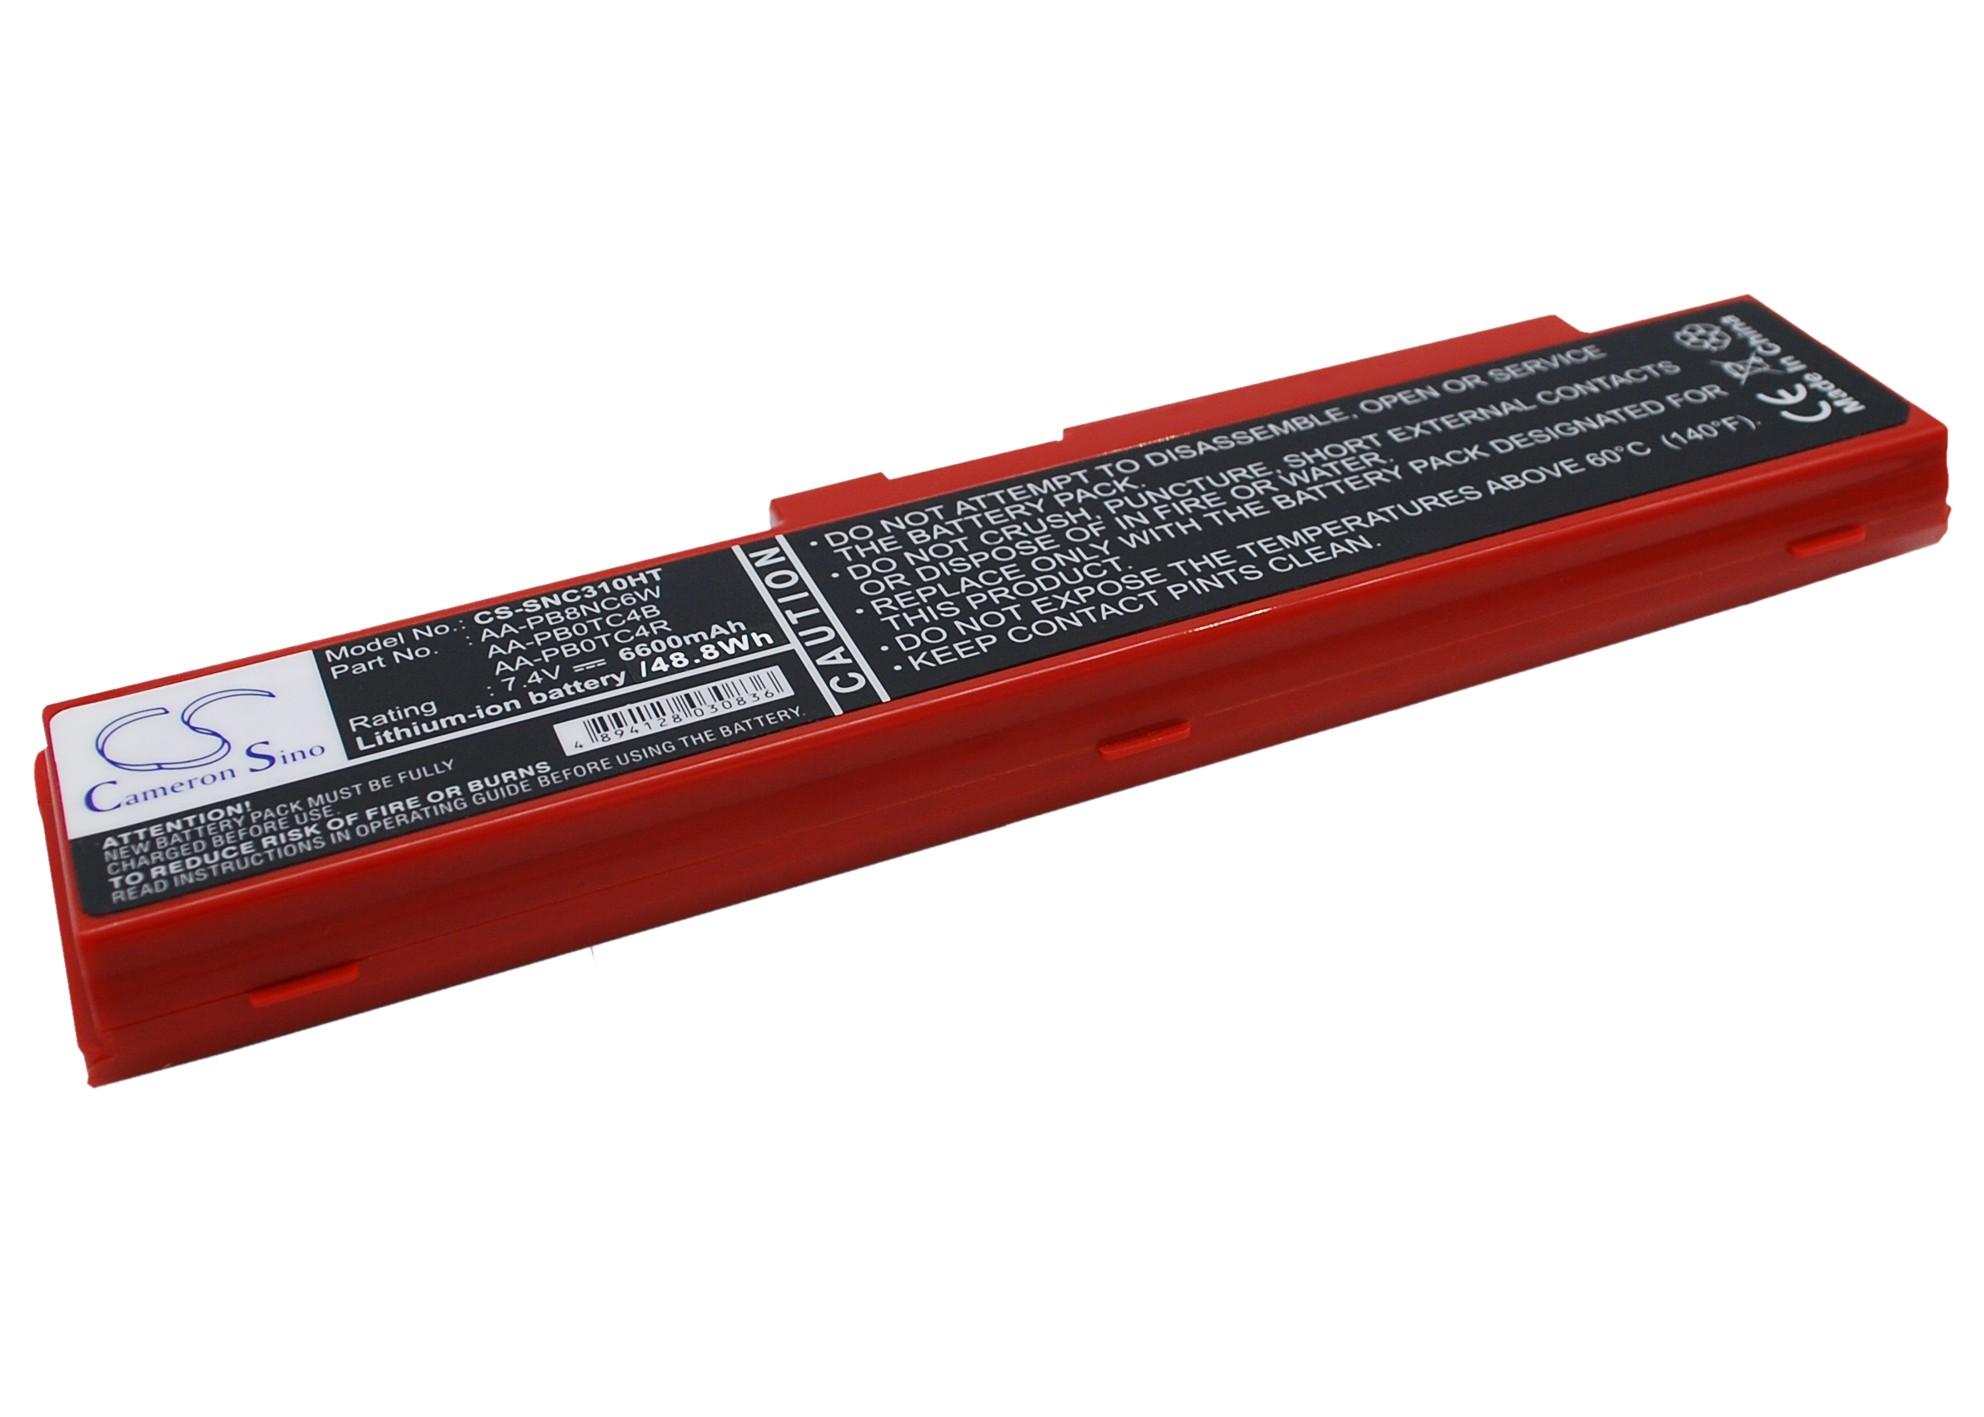 Cameron Sino baterie do netbooků pro SAMSUNG NP-X120-JA02 7.4V Li-ion 6600mAh červená - neoriginální